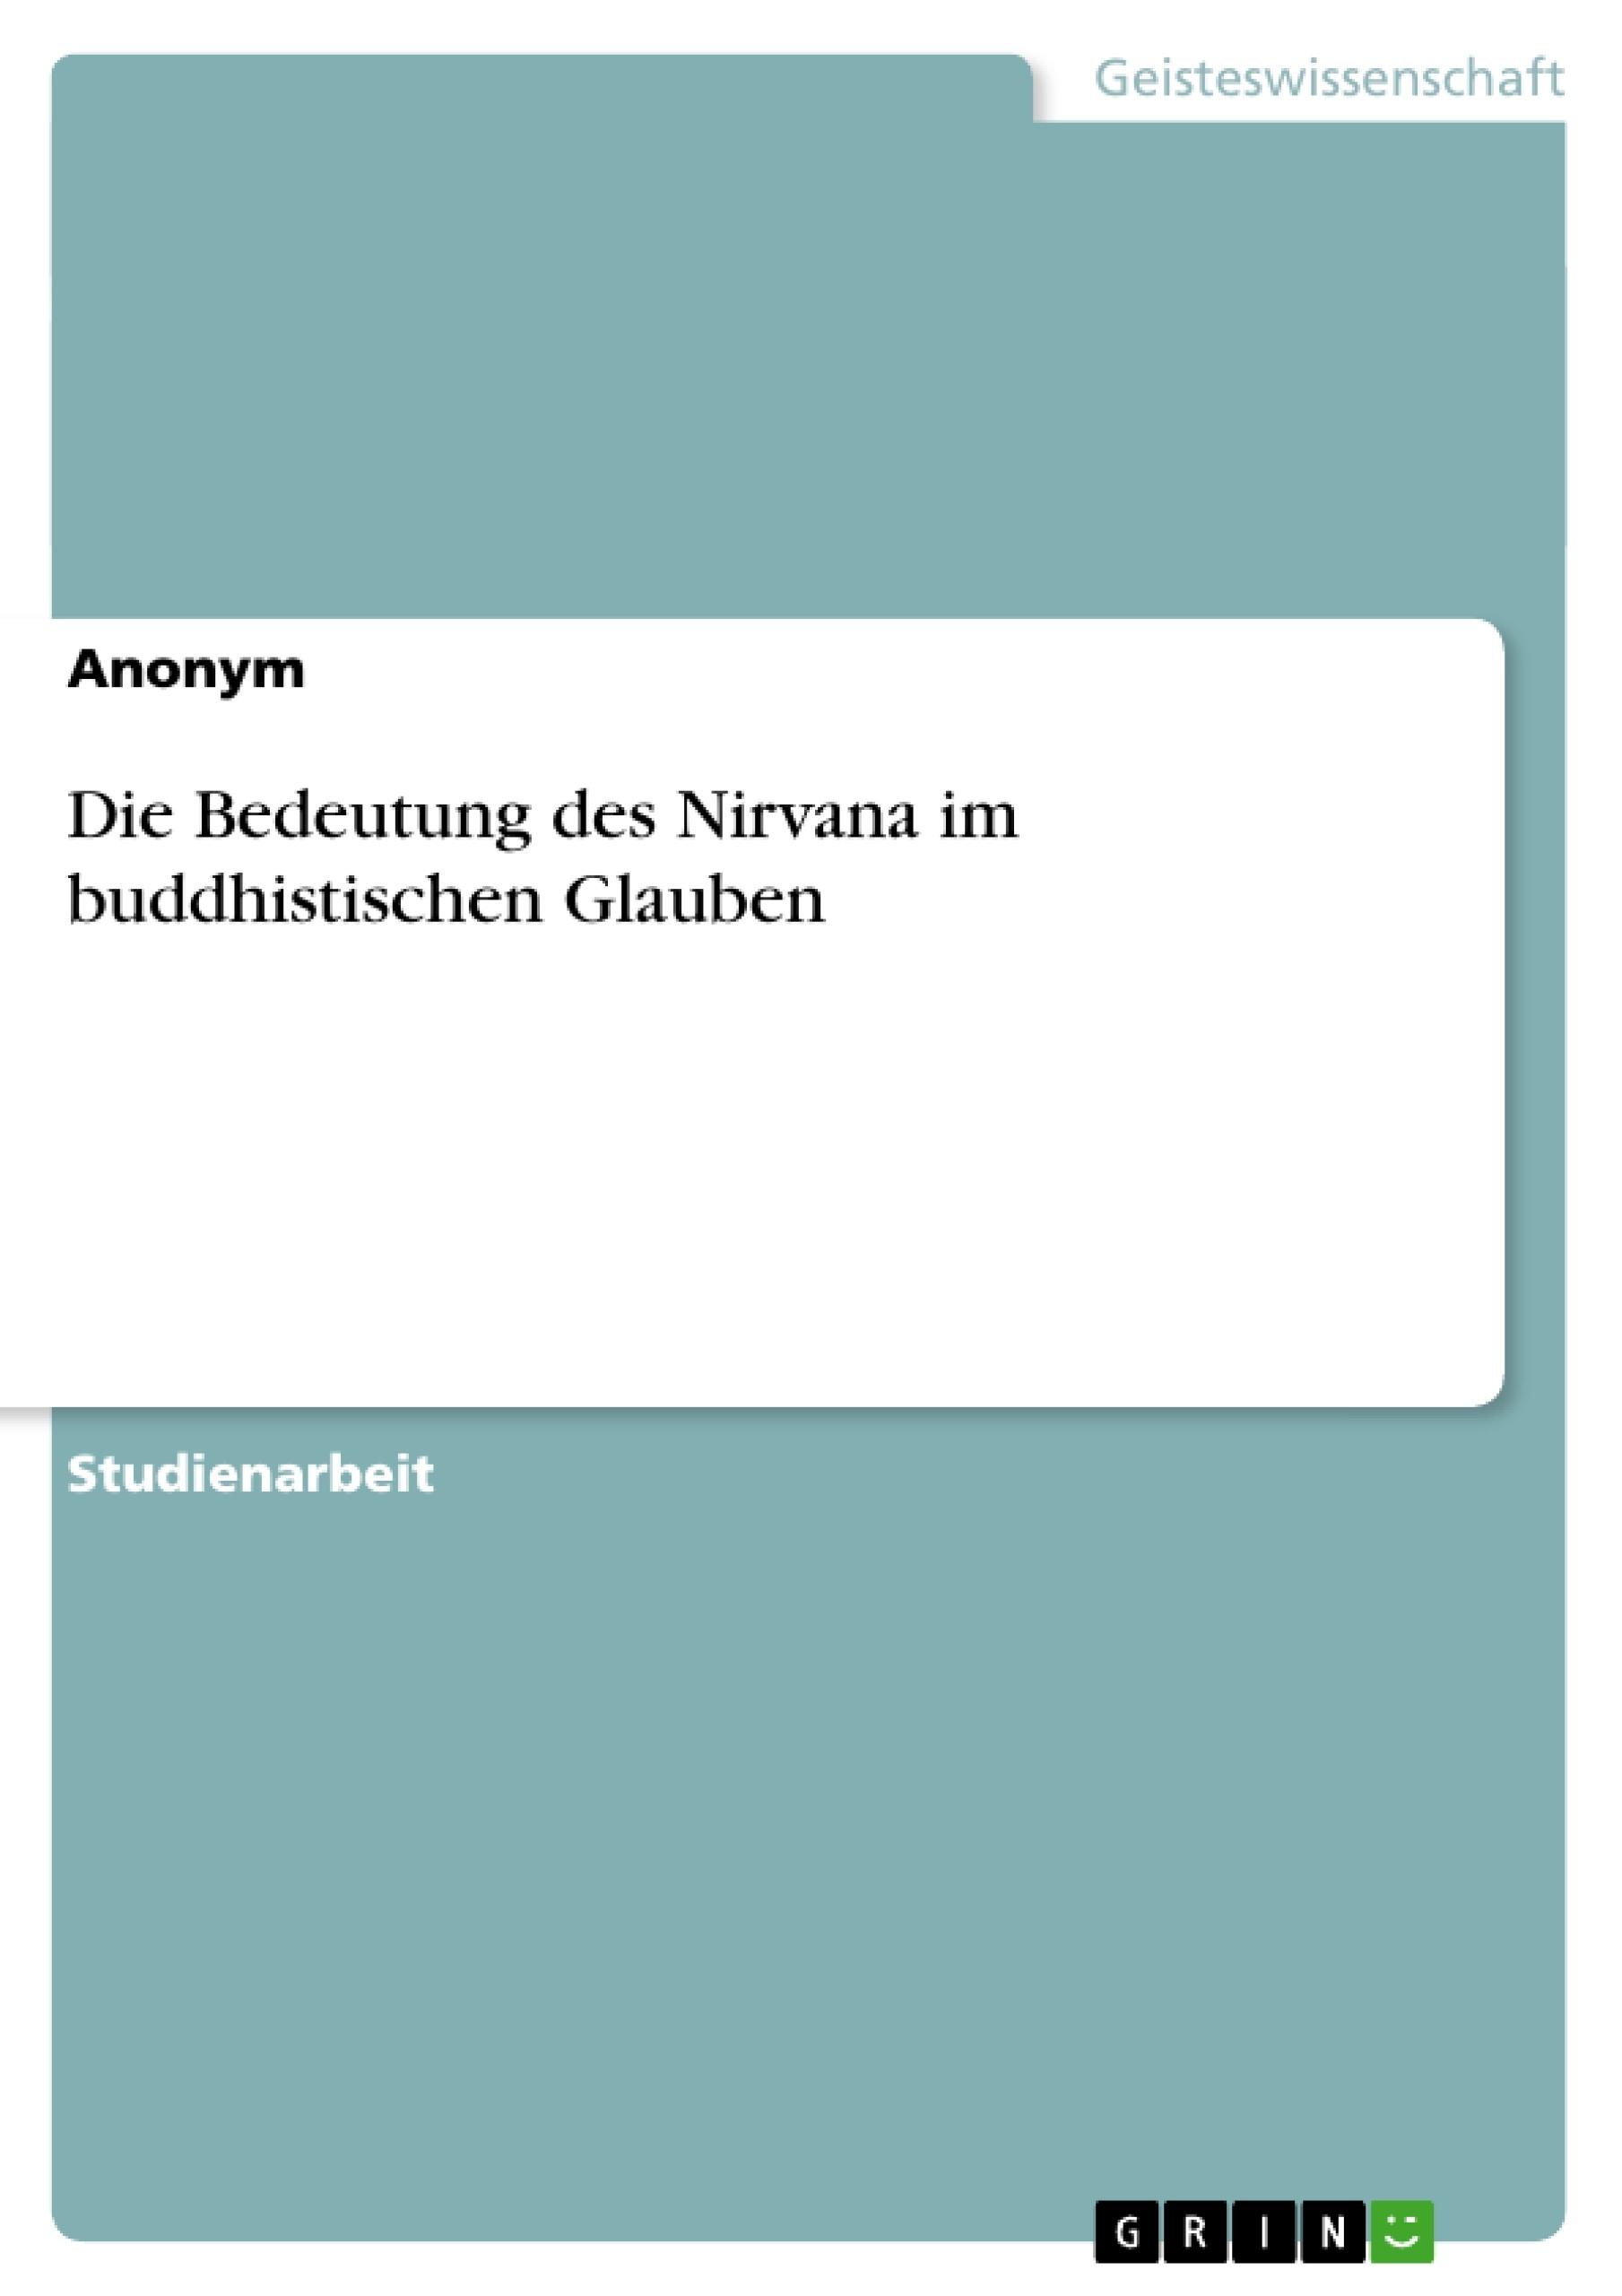 Titel: Die Bedeutung des Nirvana im buddhistischen Glauben